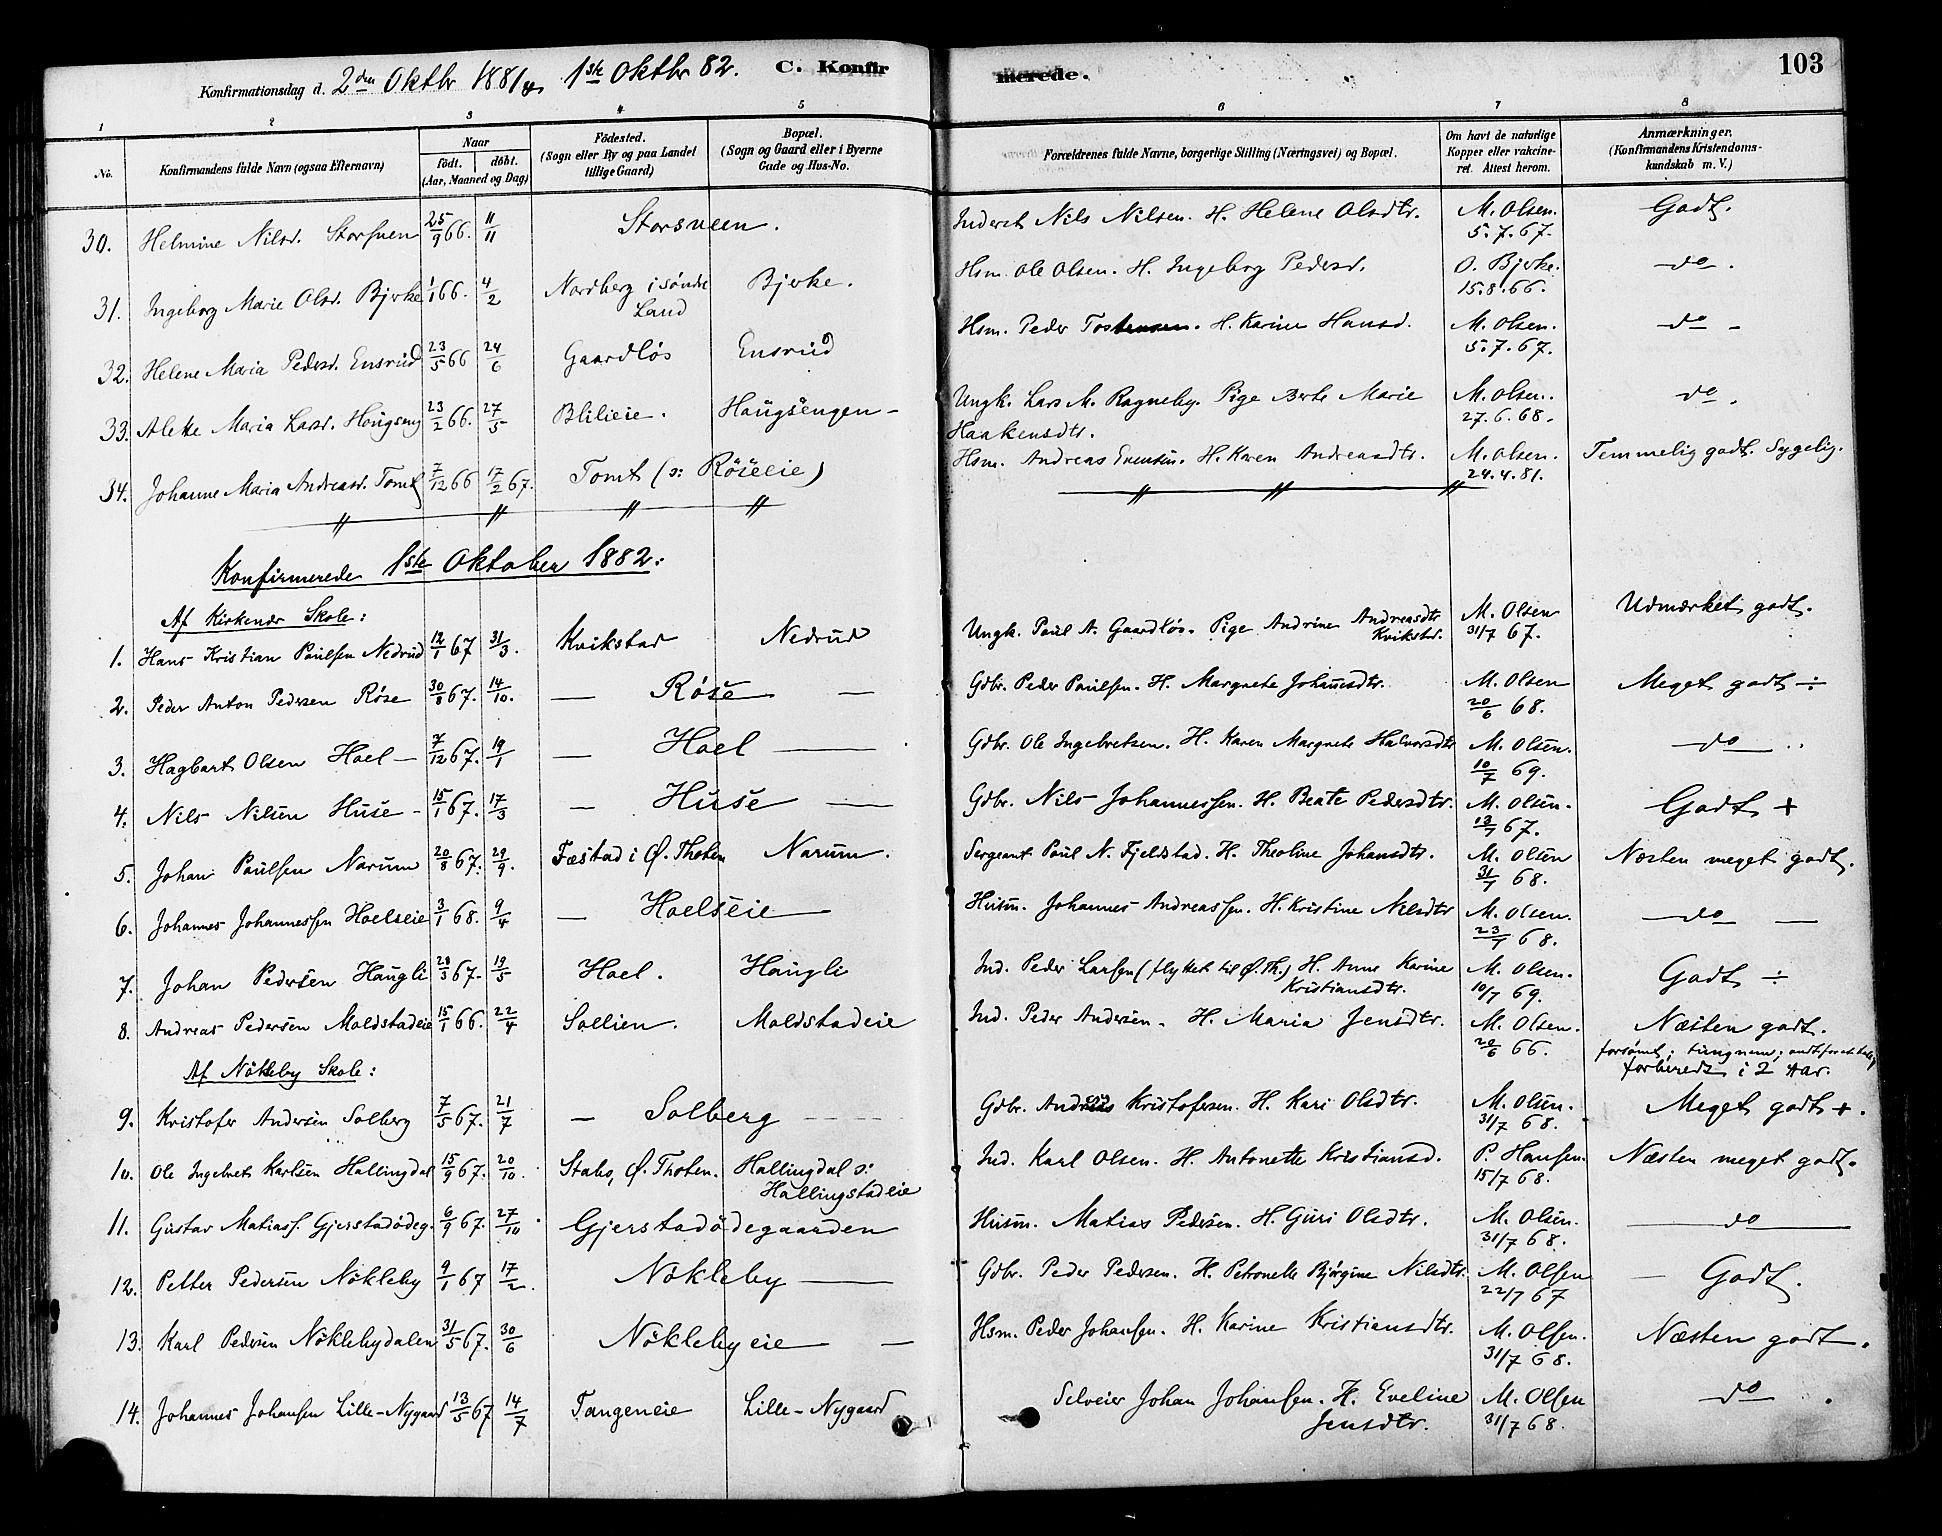 SAH, Vestre Toten prestekontor, Ministerialbok nr. 10, 1878-1894, s. 103